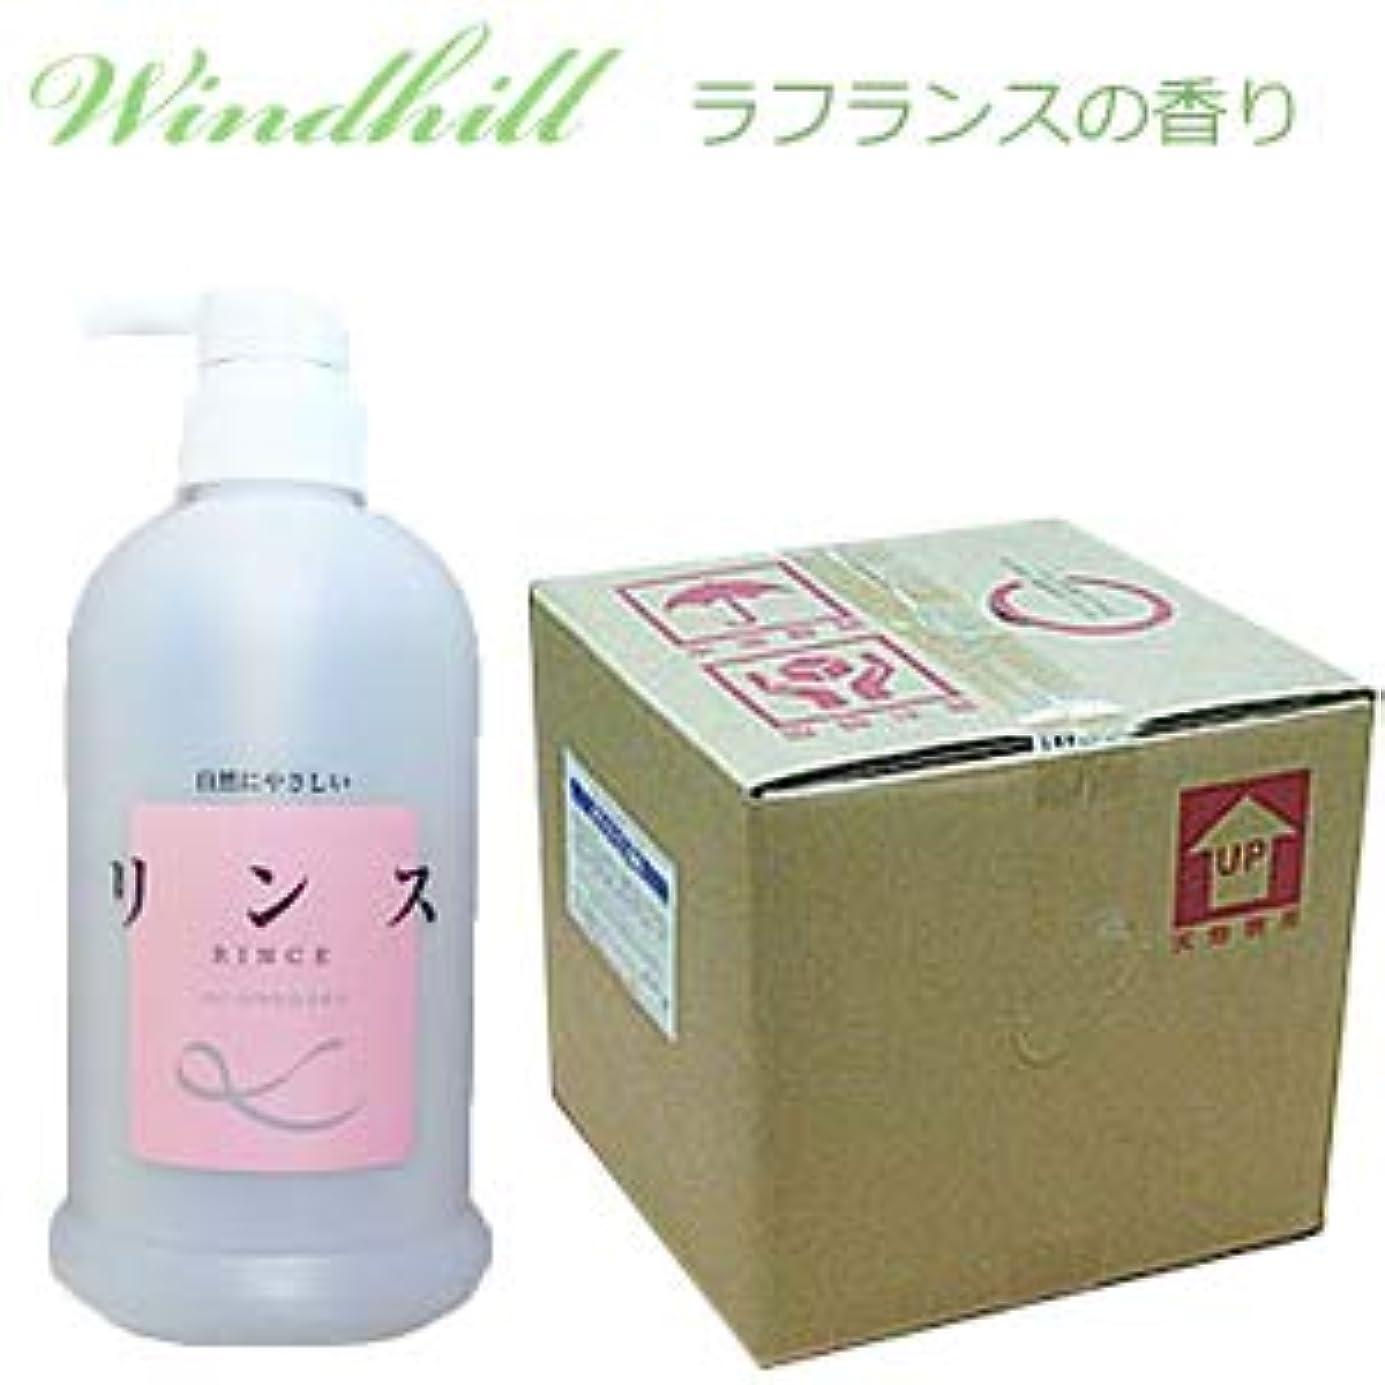 差し控えるセール生活なんと! 500ml当り173円 Windhill 植物性 業務用 リンス  爽やかなラフランスの香り 20L